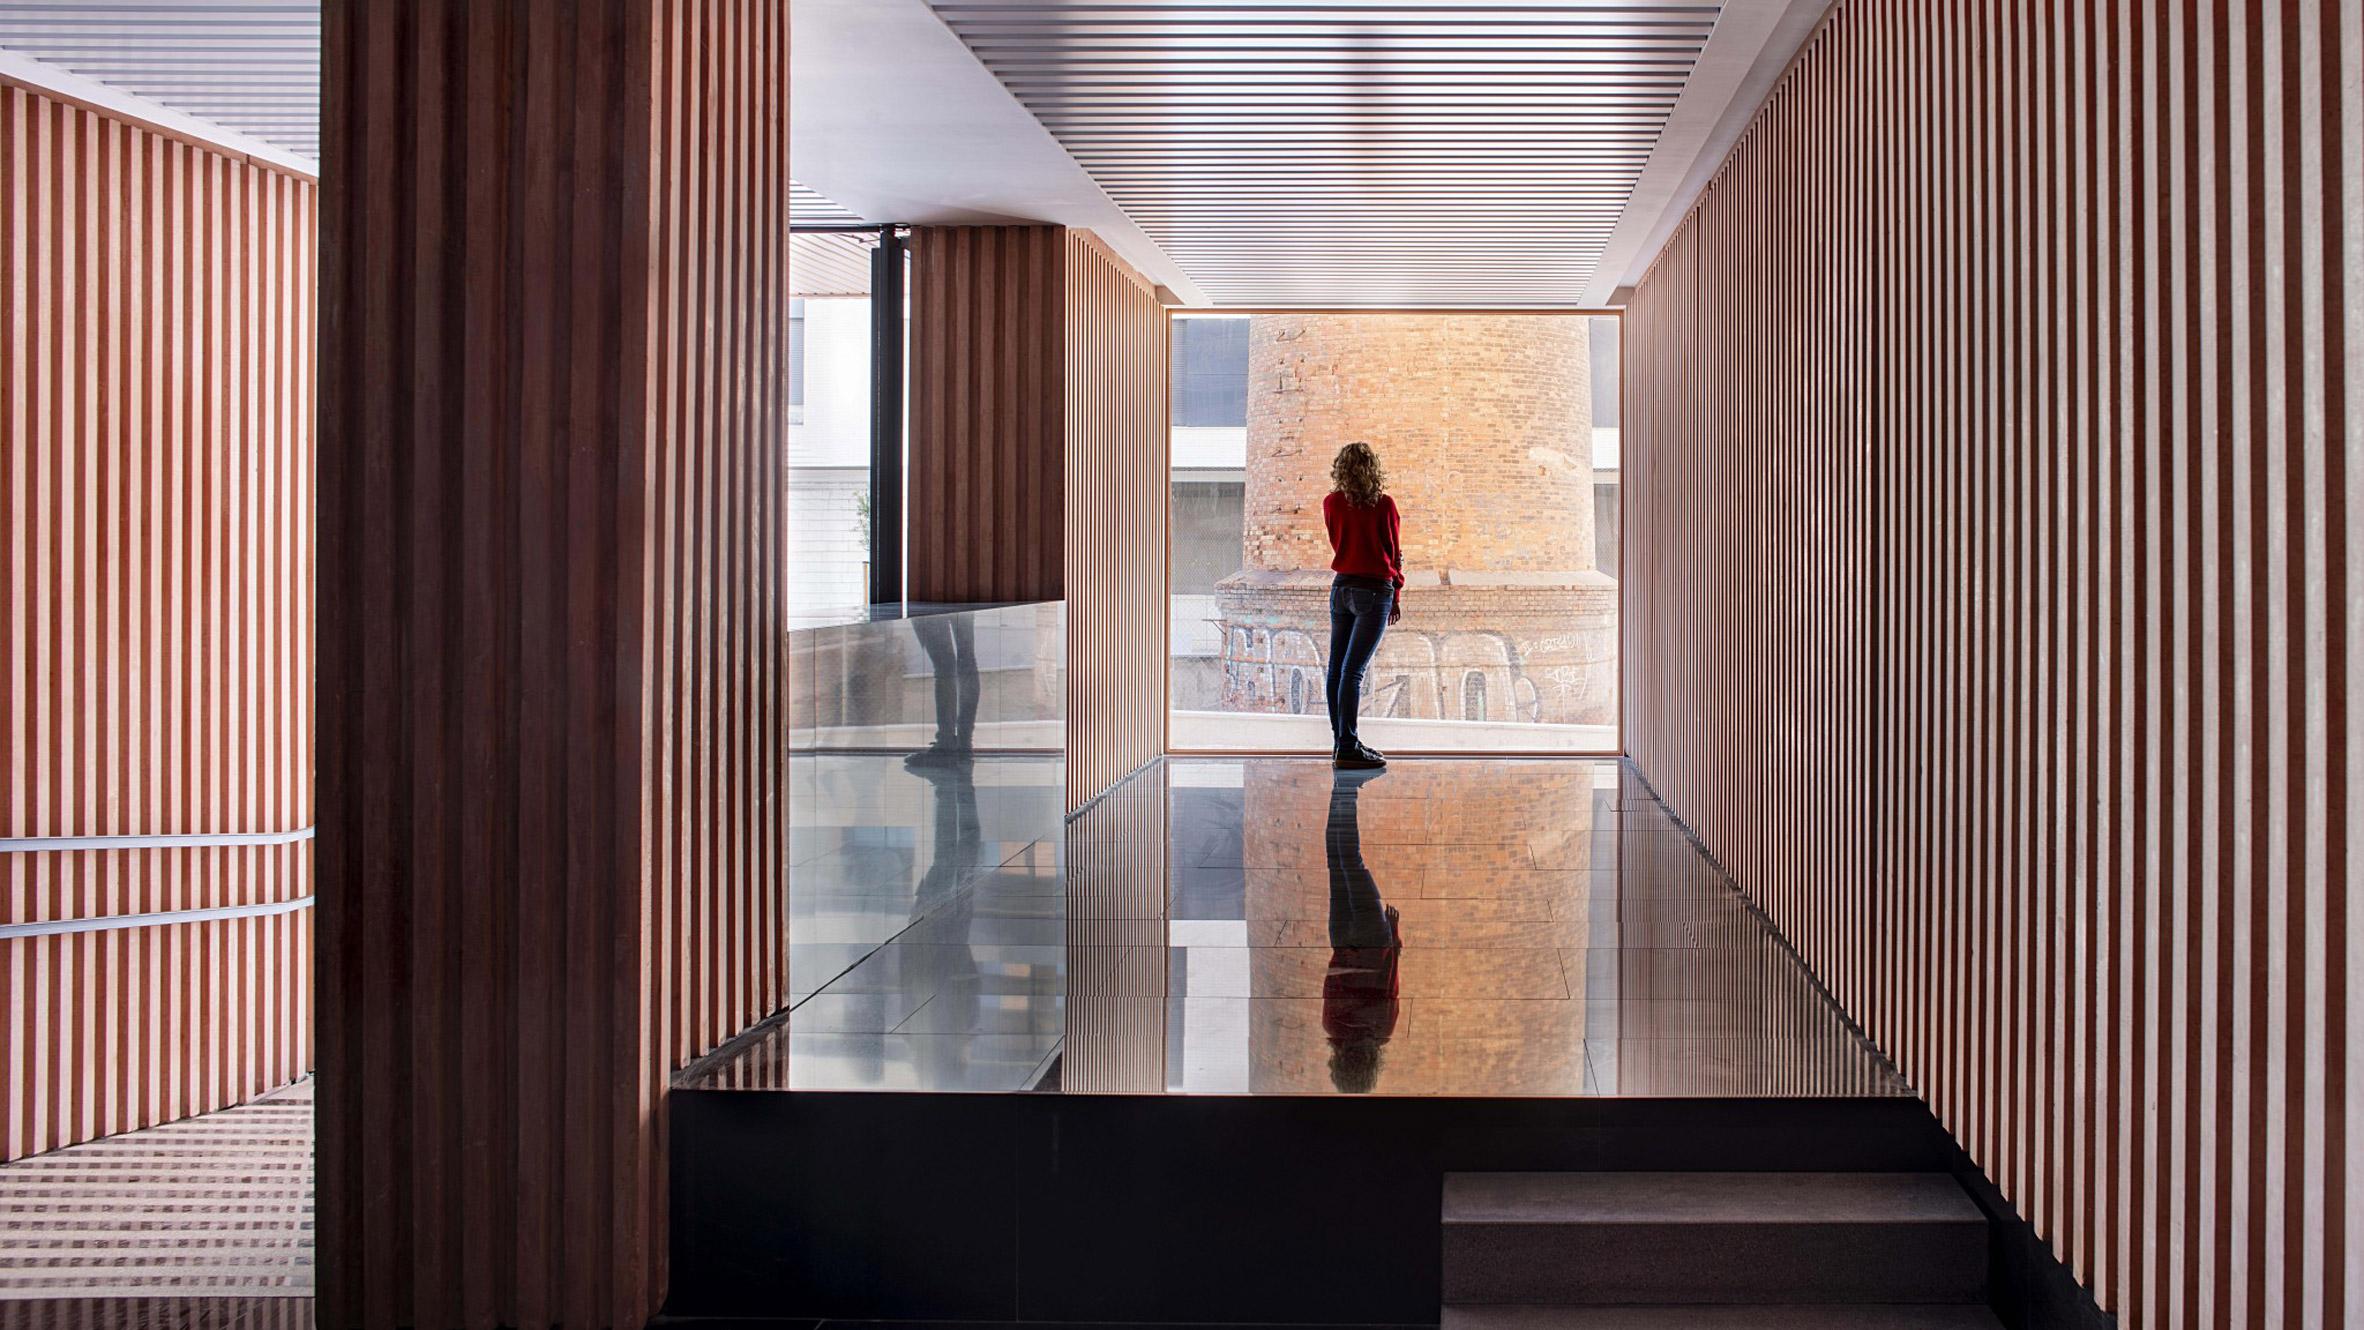 The New Brick Tectonic, Malaga, Spain, by Muñoz Miranda Architects